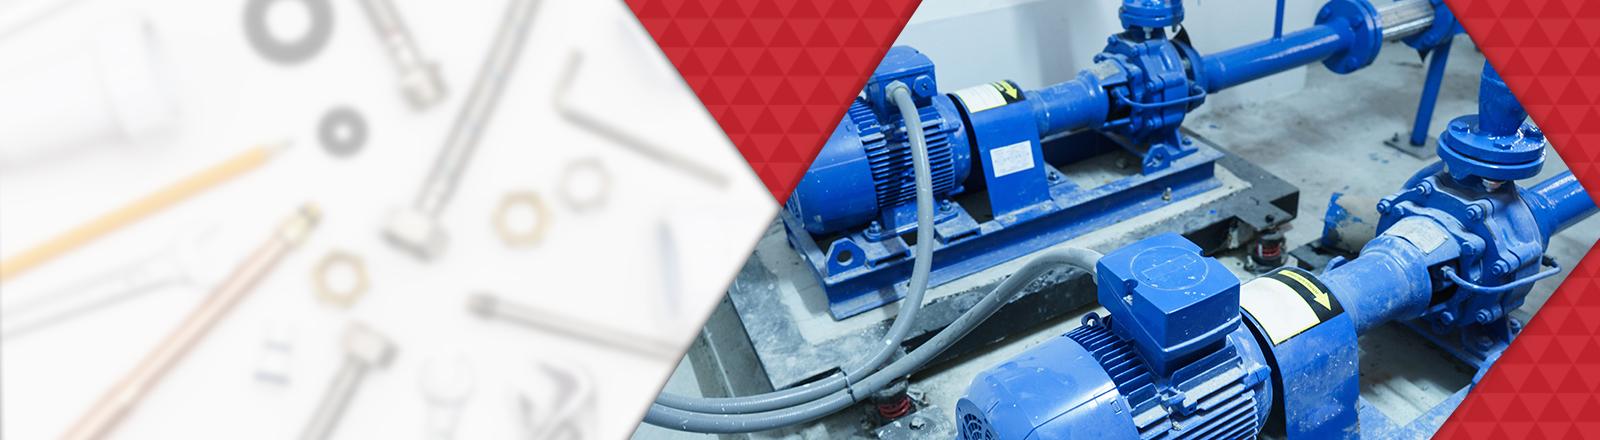 Pumps Installation Haringey